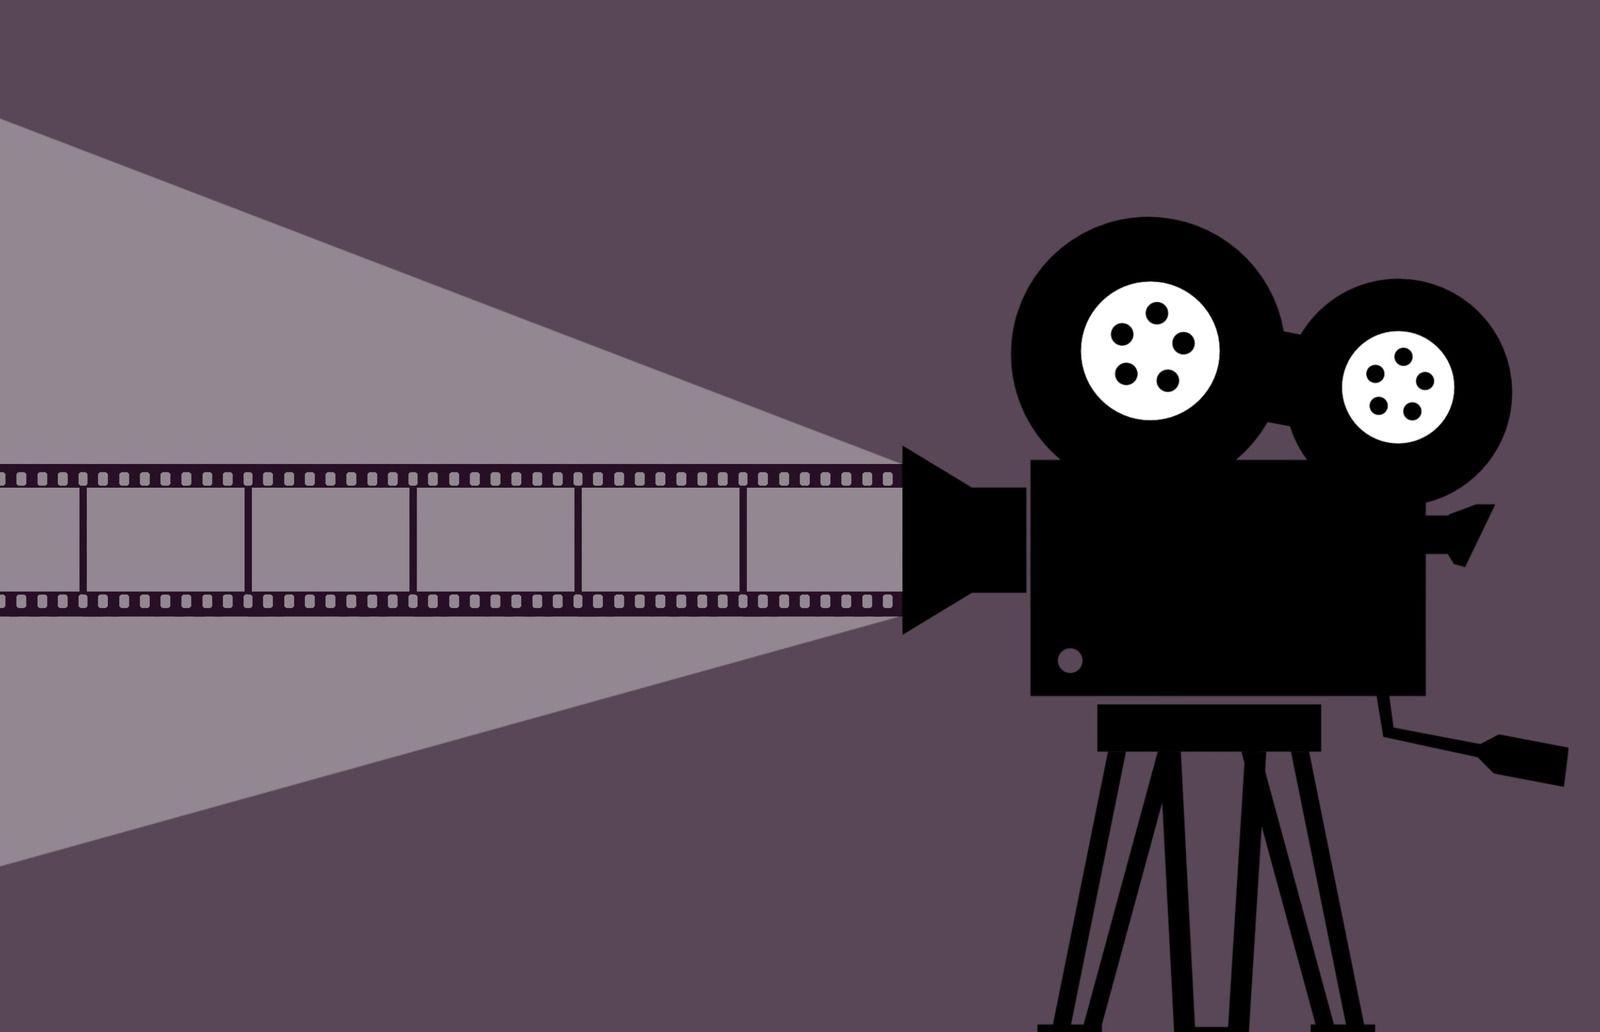 """دومین جشنواره فیلم کوتاه مهر سلامت با شعار """"هر ایرانی، یک مهرورز سلامت"""" فراخوان داد"""